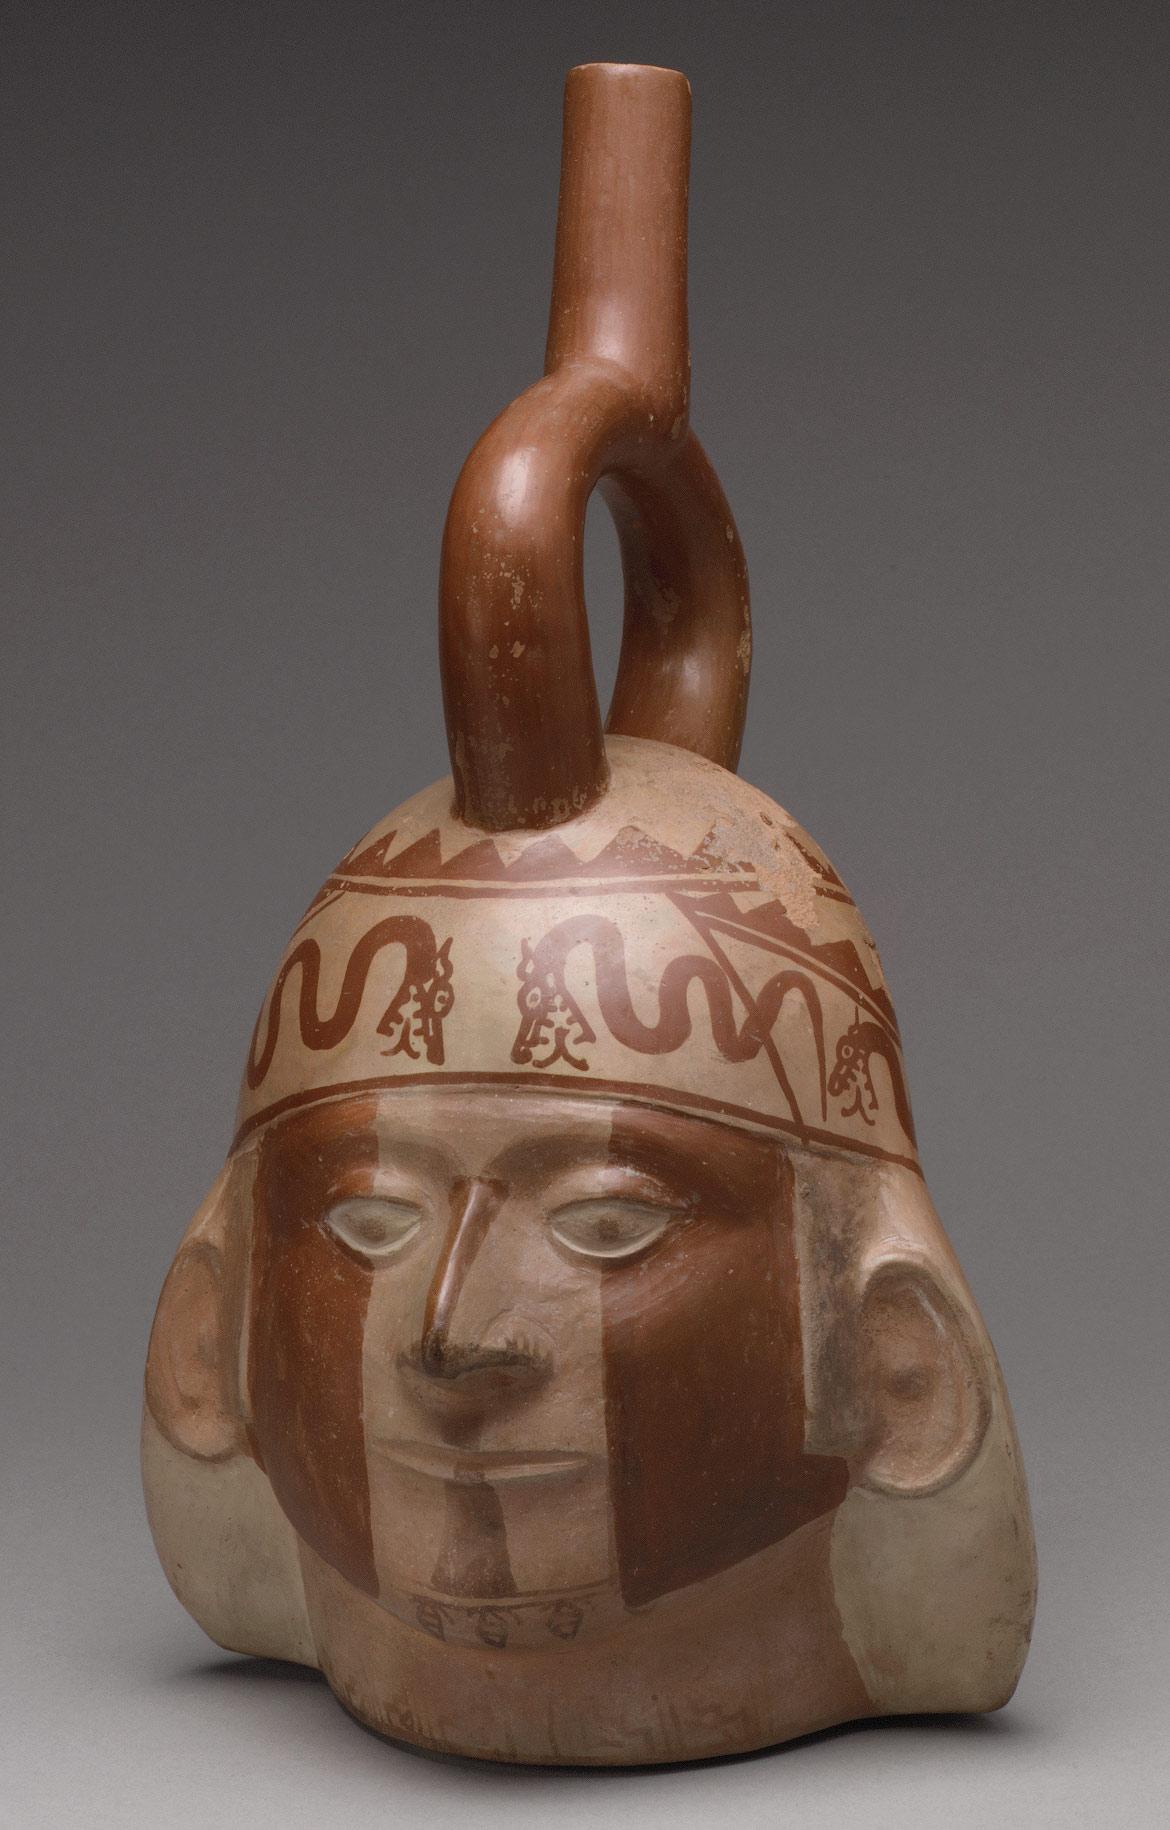 Moche Decorated Ceramics Thematic Essay Heilbrunn